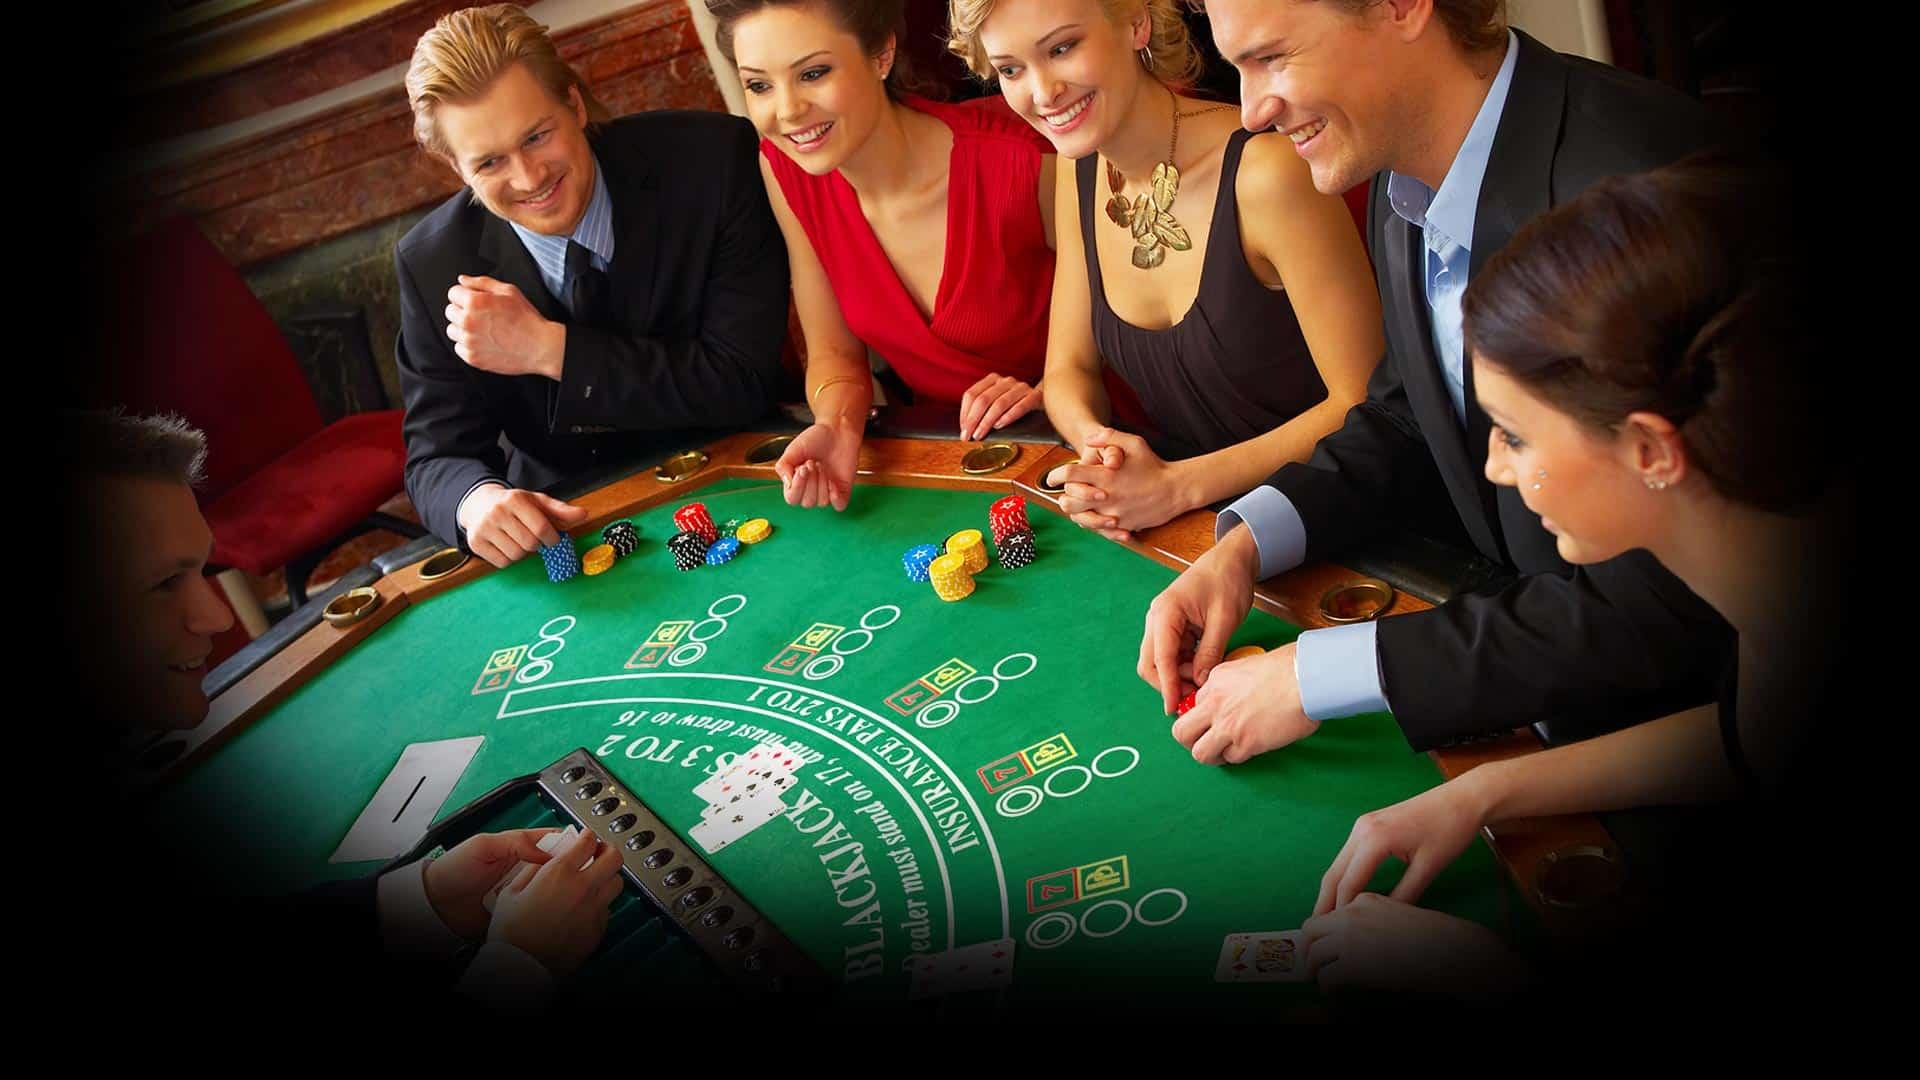 Le blackjack en ligne avec des appareils mobiles